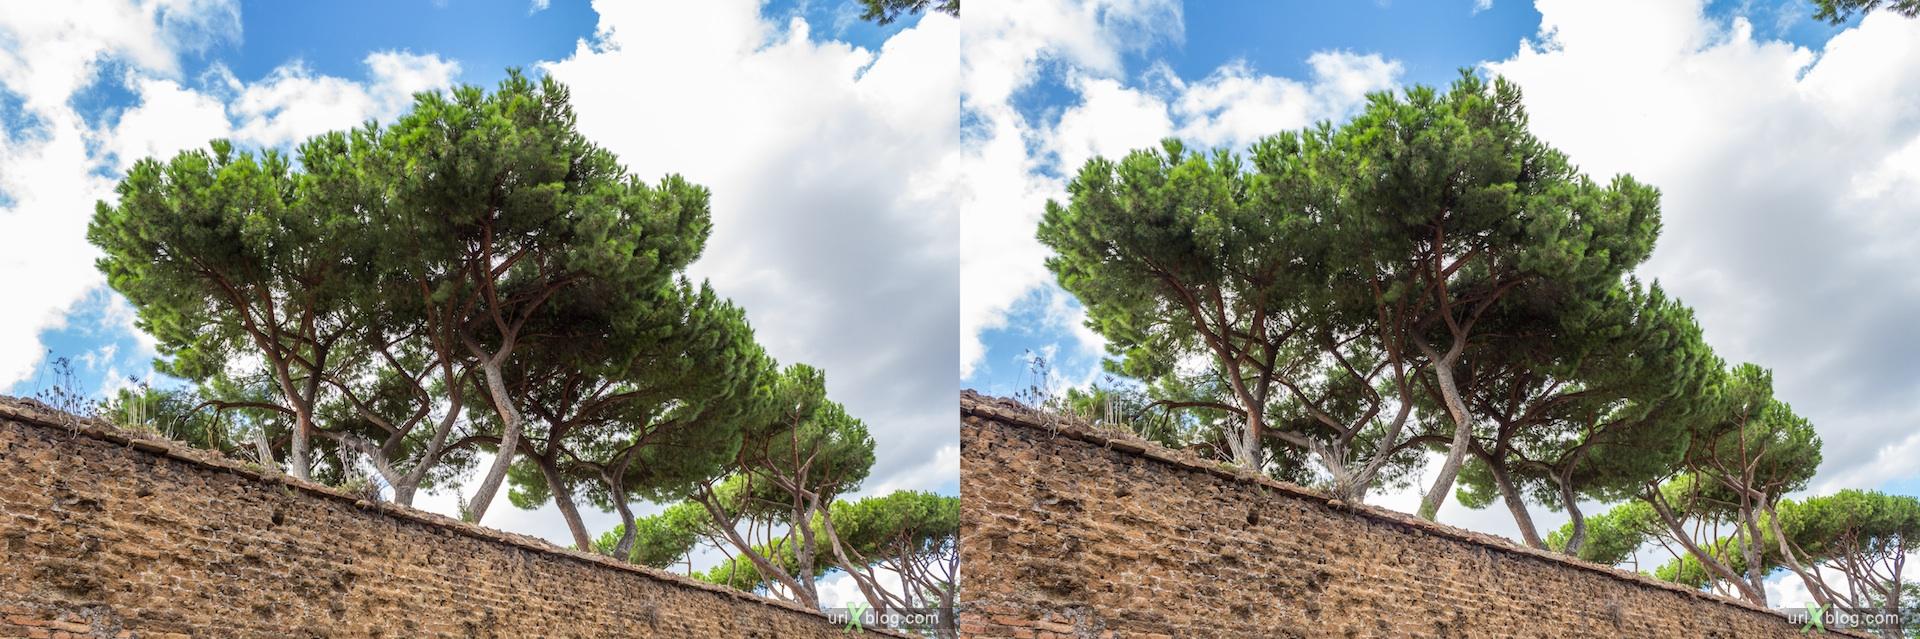 2012, забор, апельсиновый сад, парк Савелло, церковь Санта Сабина, Рим, Италия, осень, 3D, перекрёстные стереопары, стерео, стереопара, стереопары